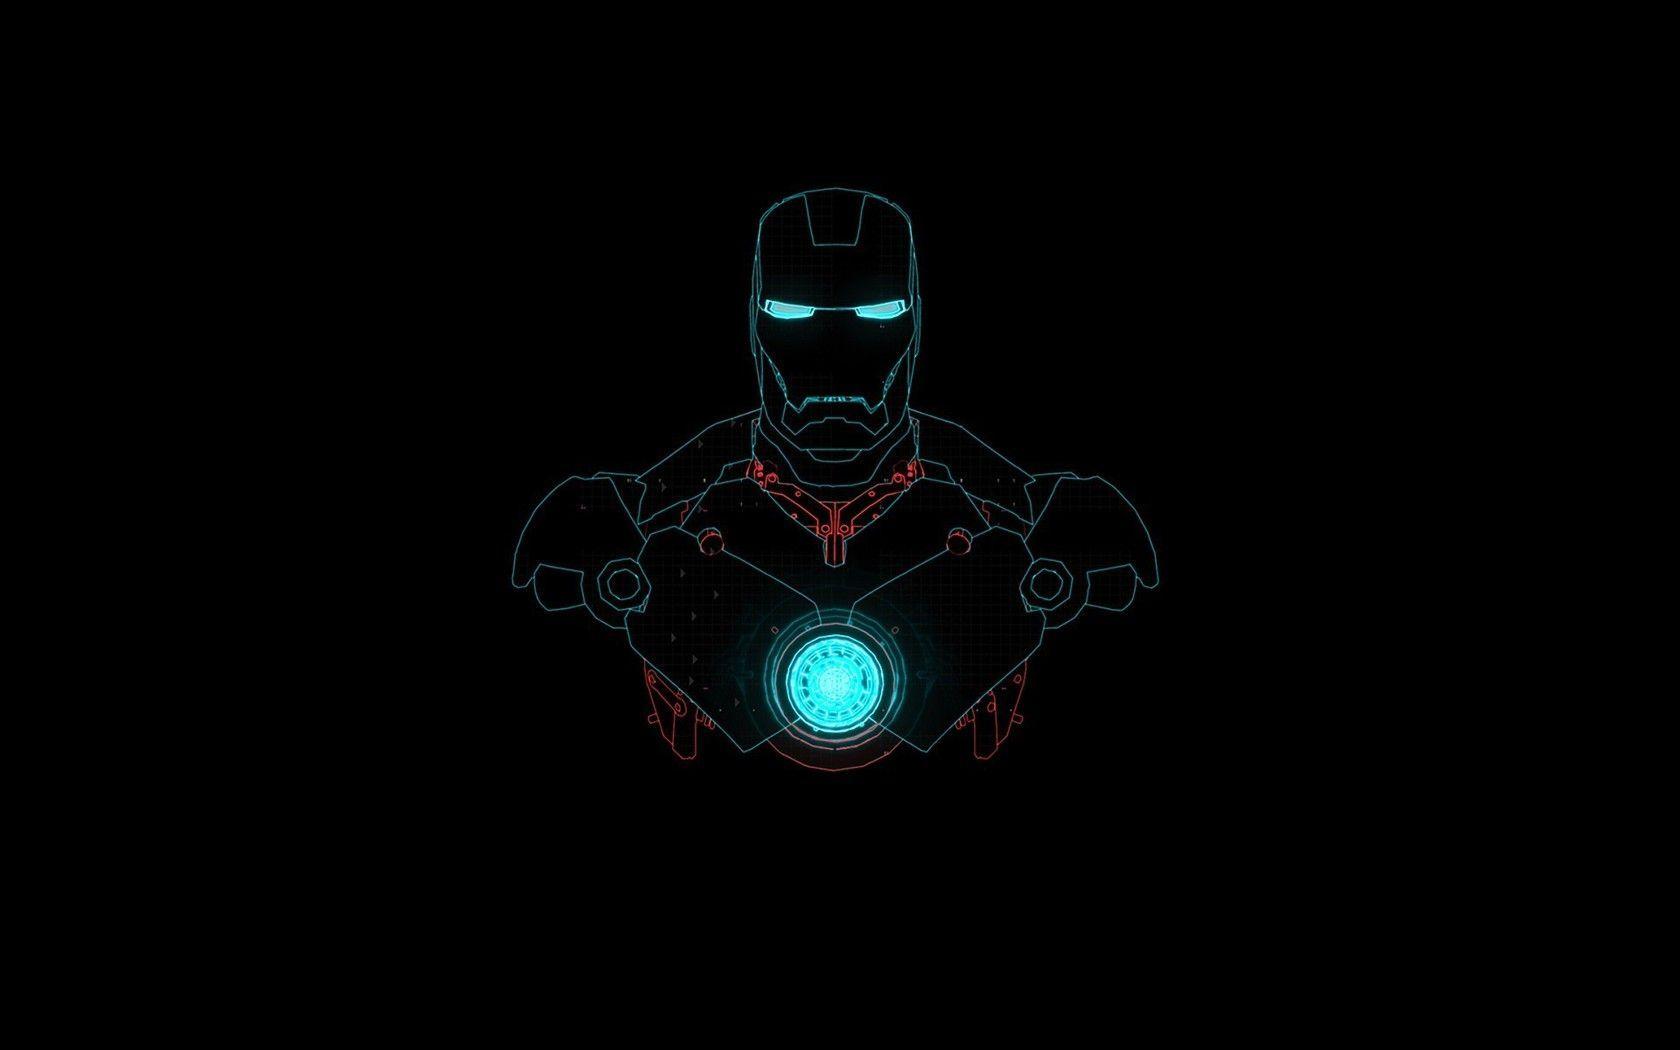 1680x1050 Arc Reactor Marvel Tony Stark Comics Wallpaper Allwallpaper In Iron Man Wallpaper Iron Man Wallpaper Hd Iron Man Hd Wallpaper